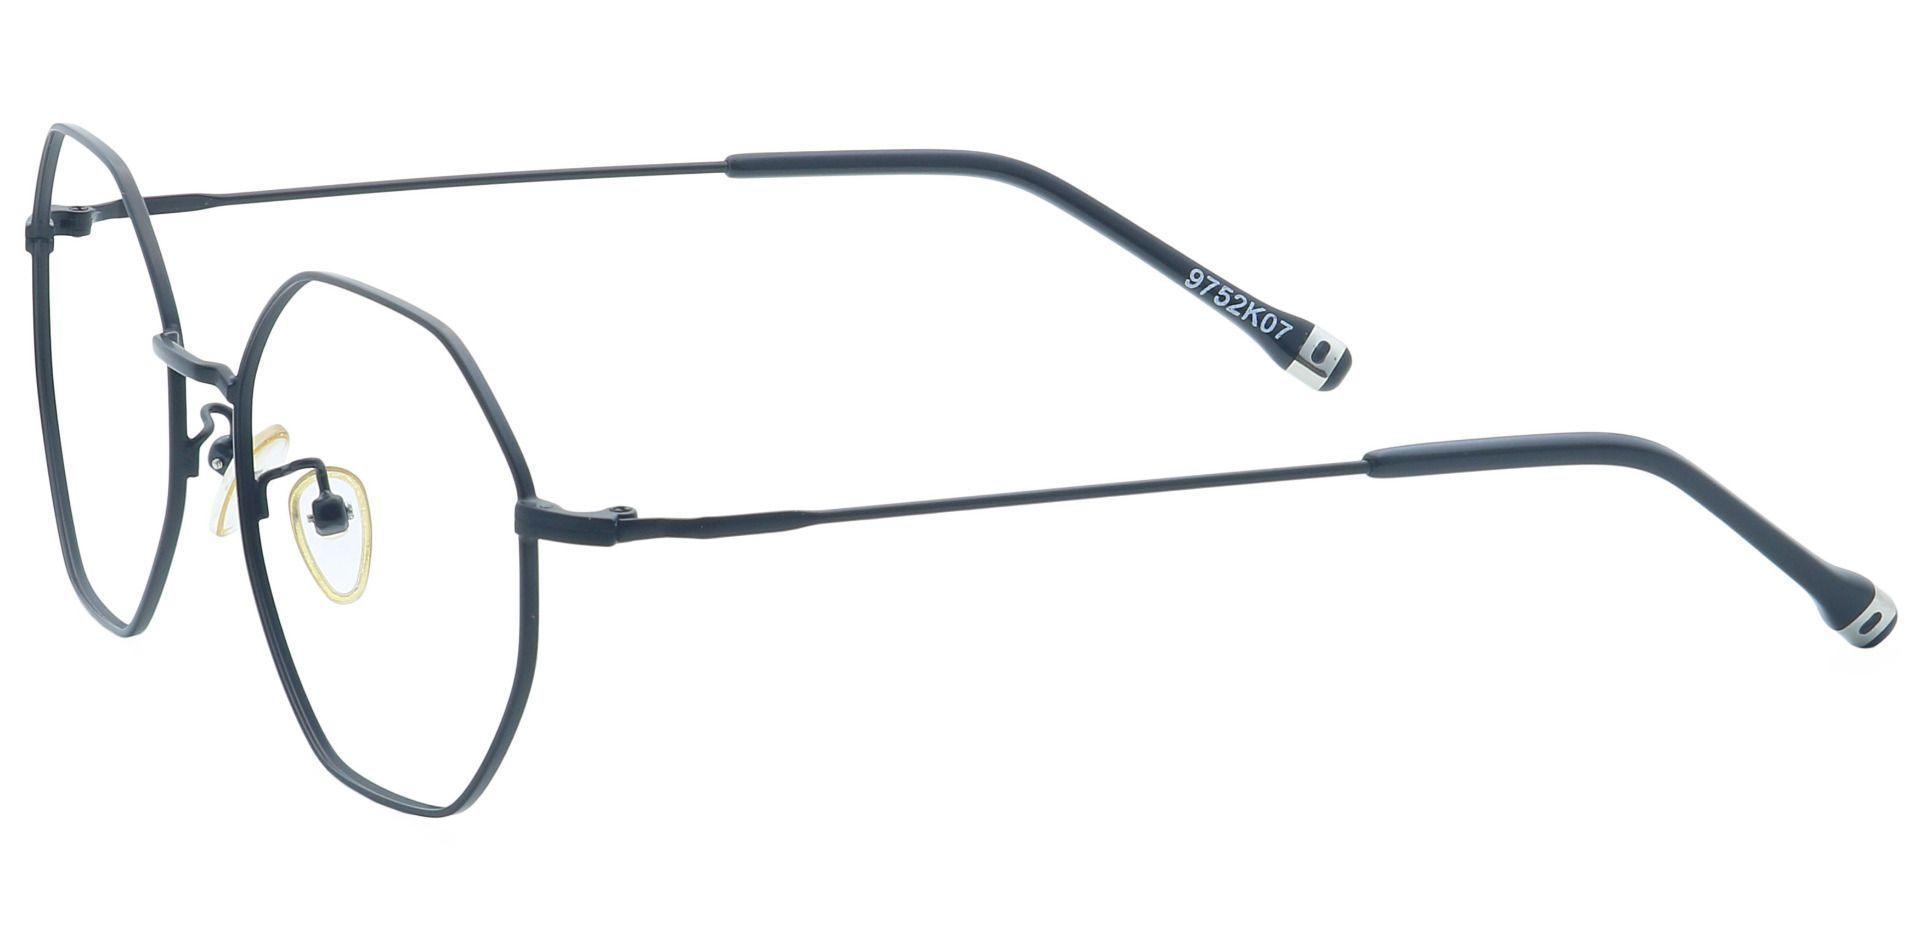 Met Round Eyeglasses Frame - Black